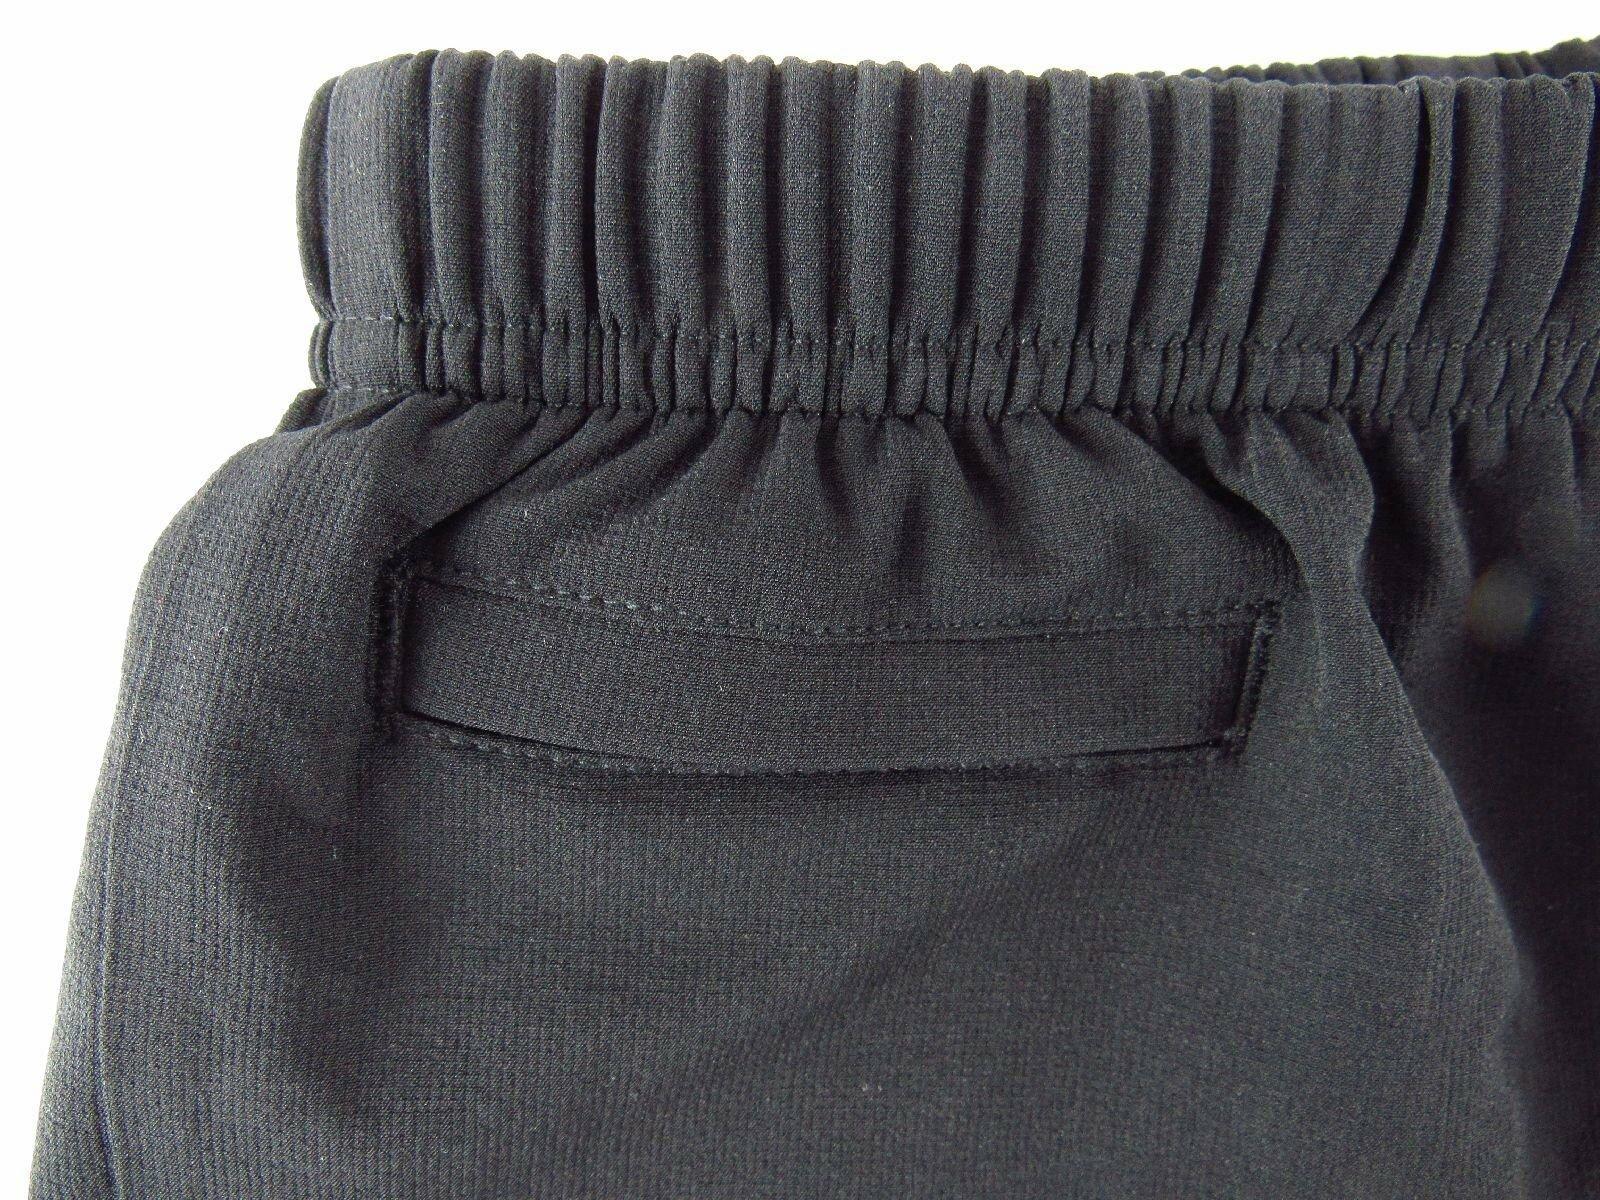 ERTLRENZ Long Short Gr S Shorts Sporthose Fitnesshose Laufhose Unisex black NEU